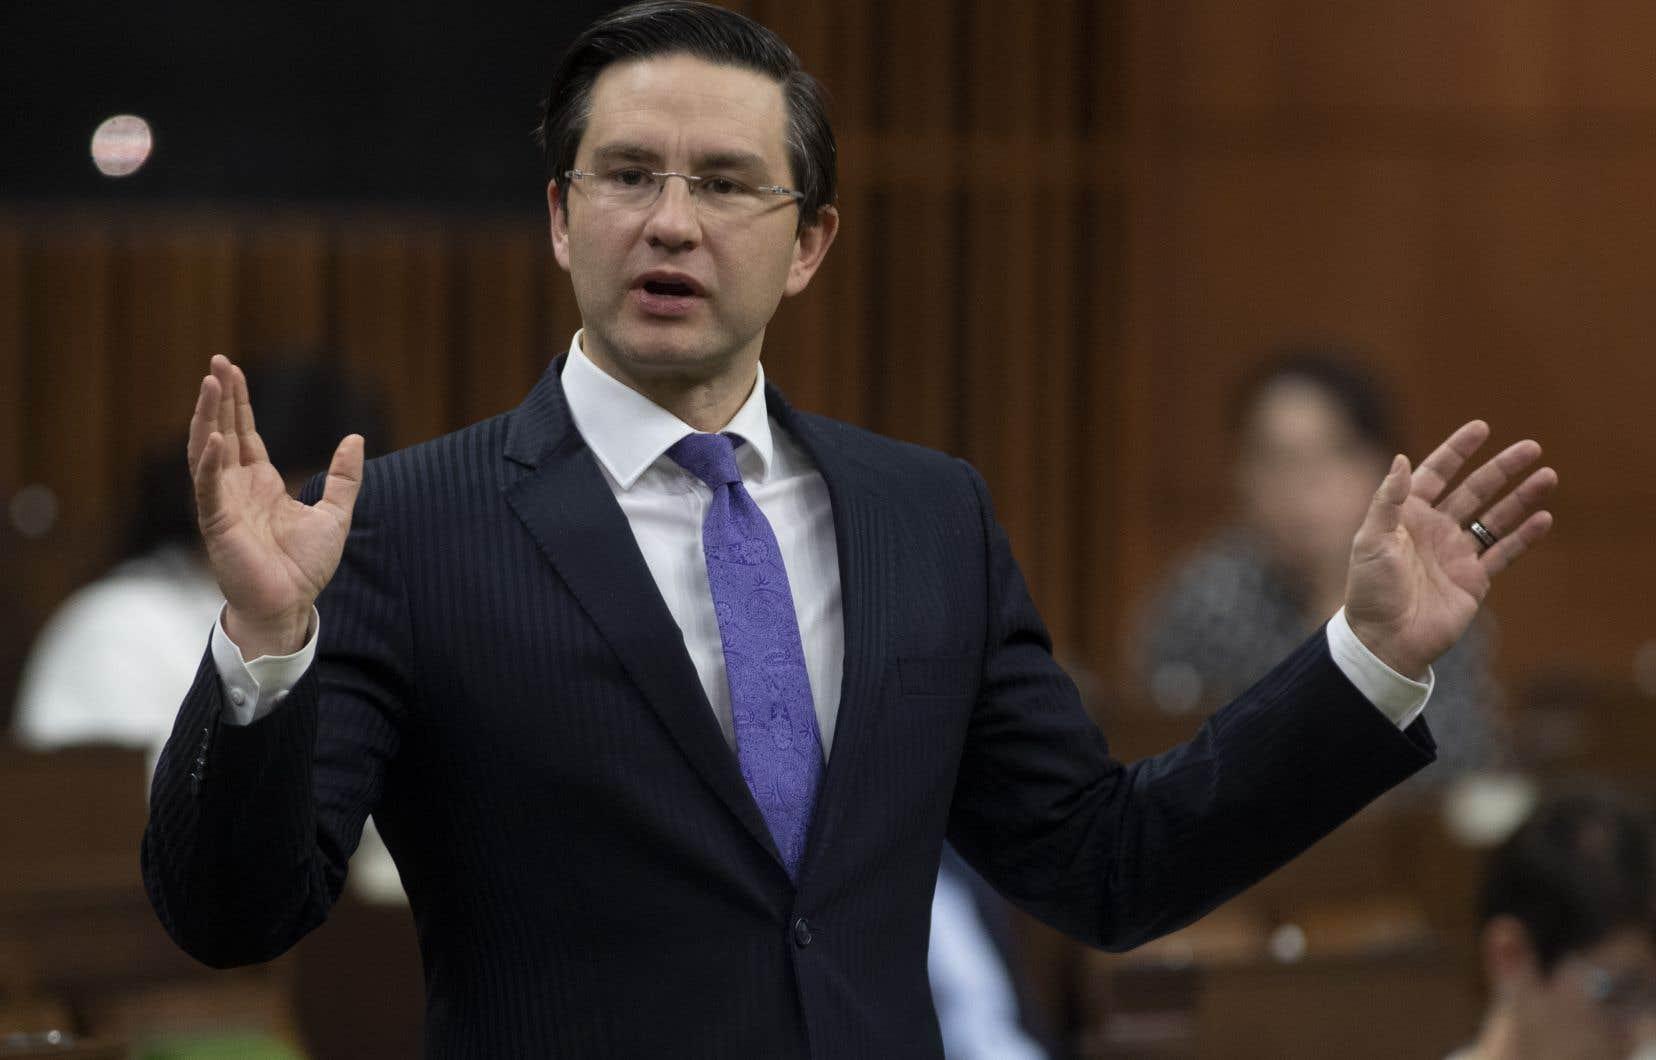 «Les Canadiens doivent se défendre contre les élites mondiales qui se nourrissent des peurs et du désespoir des gens dans le but d'imposer leur prise de pouvoir»: telle est l'invitation lancée par le député conservateur d'Ottawa Pierre Poilievre à une pétition visant à «arrêter la grande réinitialisation».